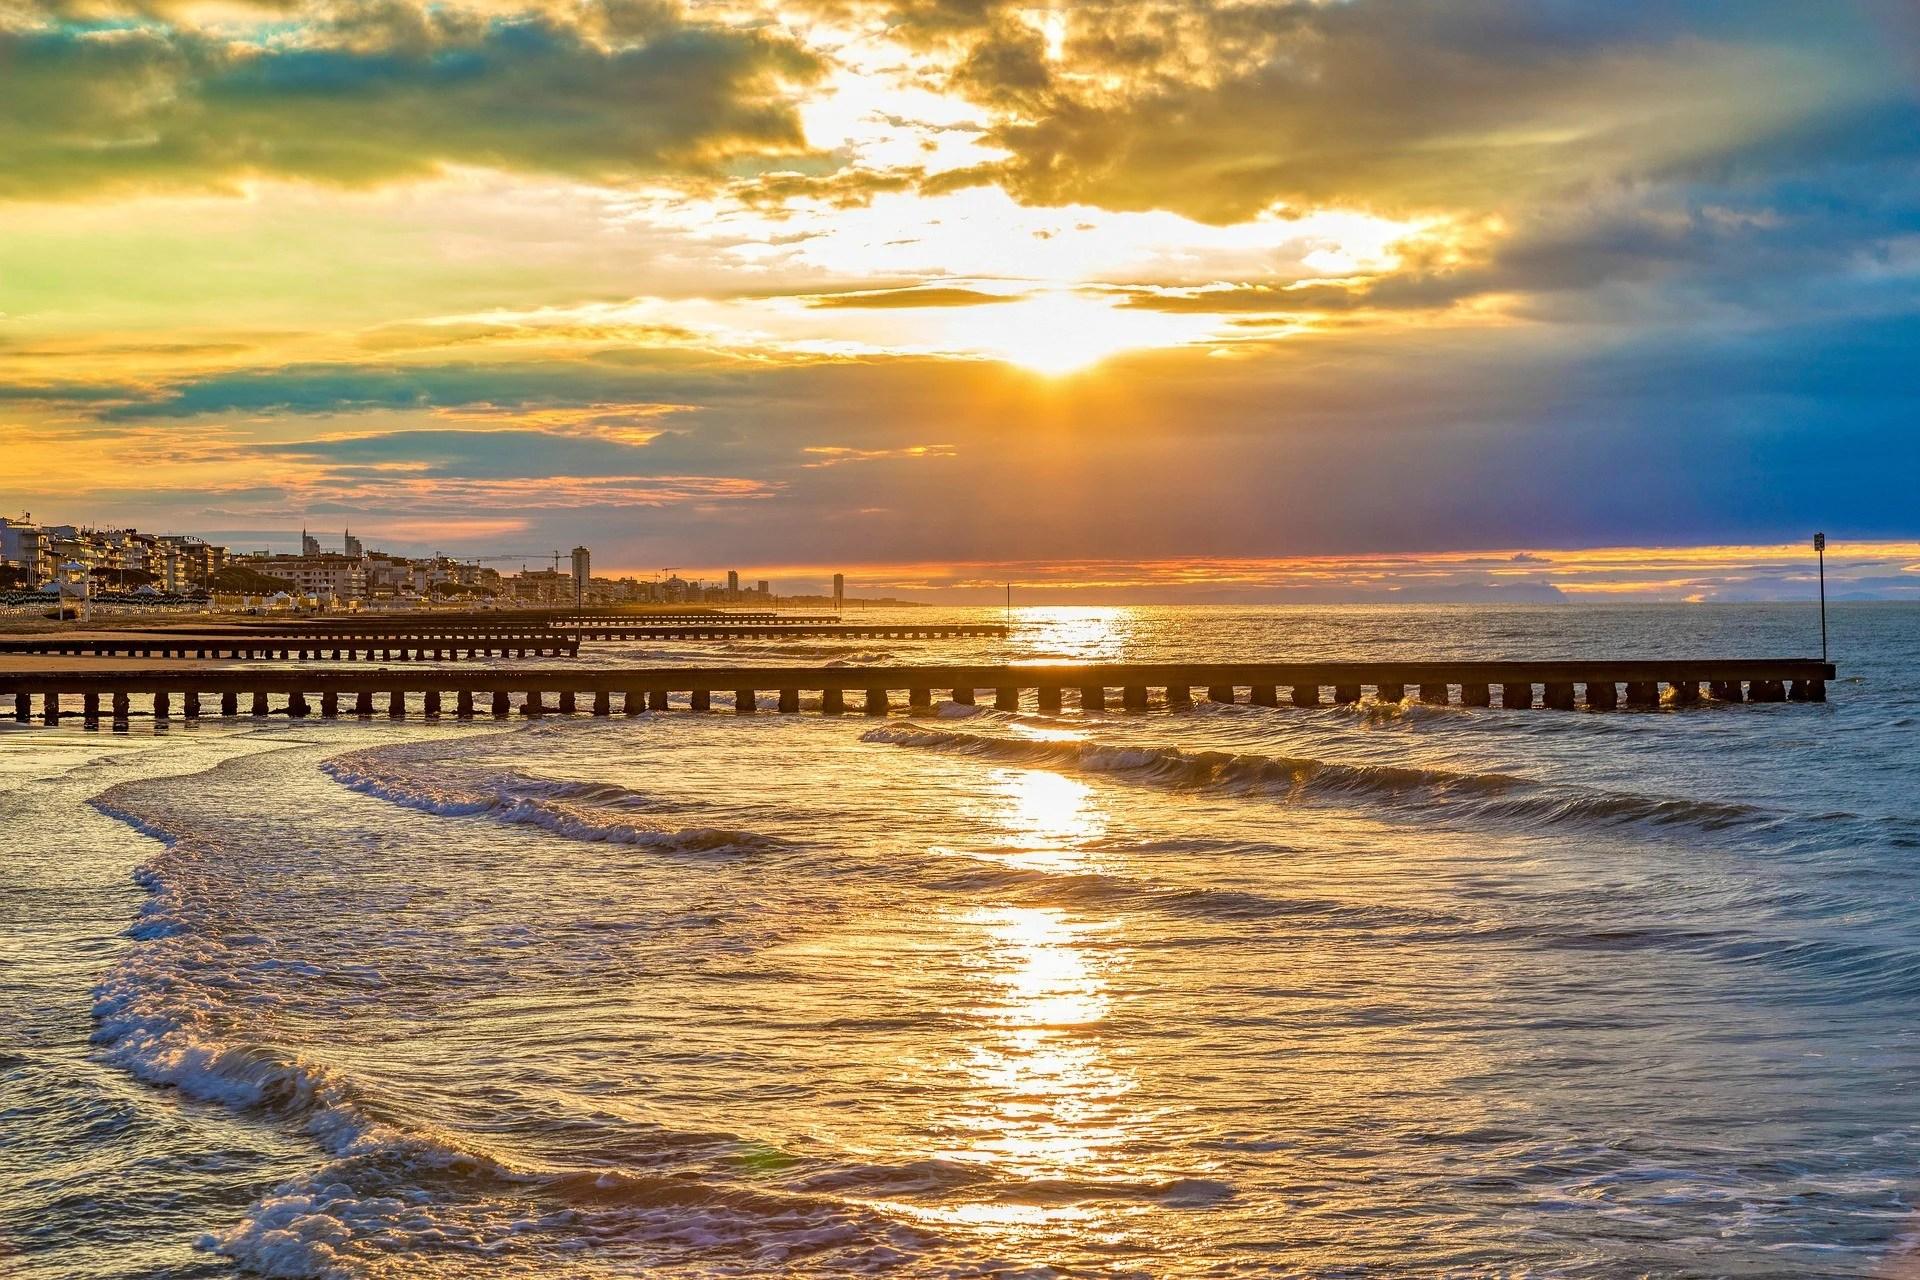 Mini guida sul Lido di Jesolo: attrazioni, spiagge e hotel - Venezia